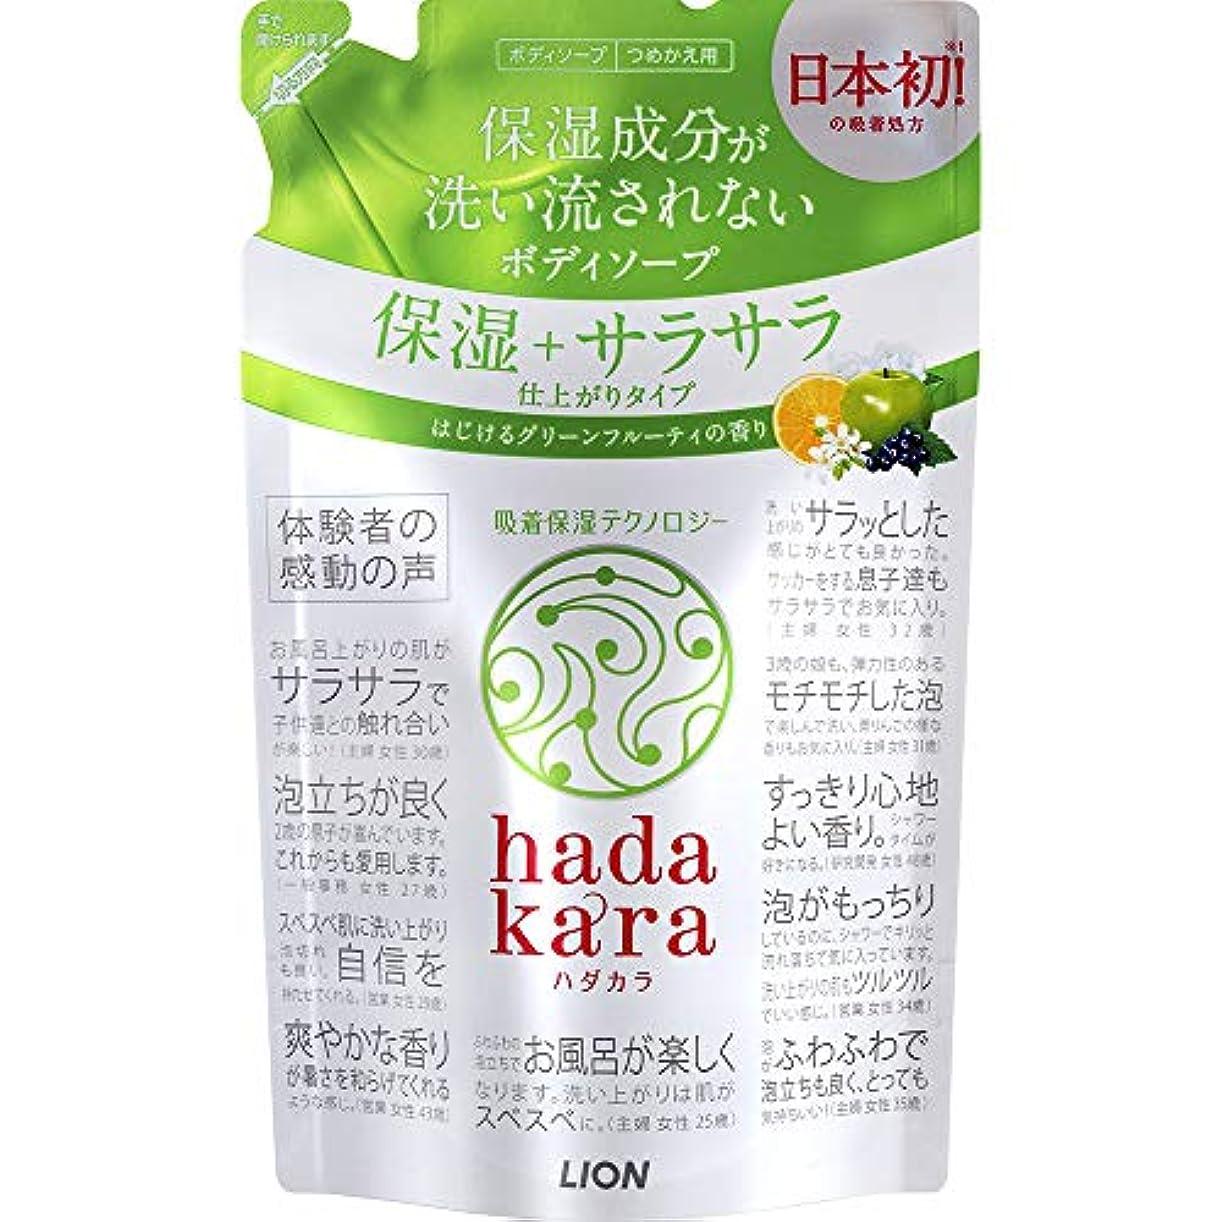 ピーブバーマドメディカルhadakara(ハダカラ) ボディソープ 保湿+サラサラ仕上がりタイプ グリーンフルーティの香り 詰め替え 340ml